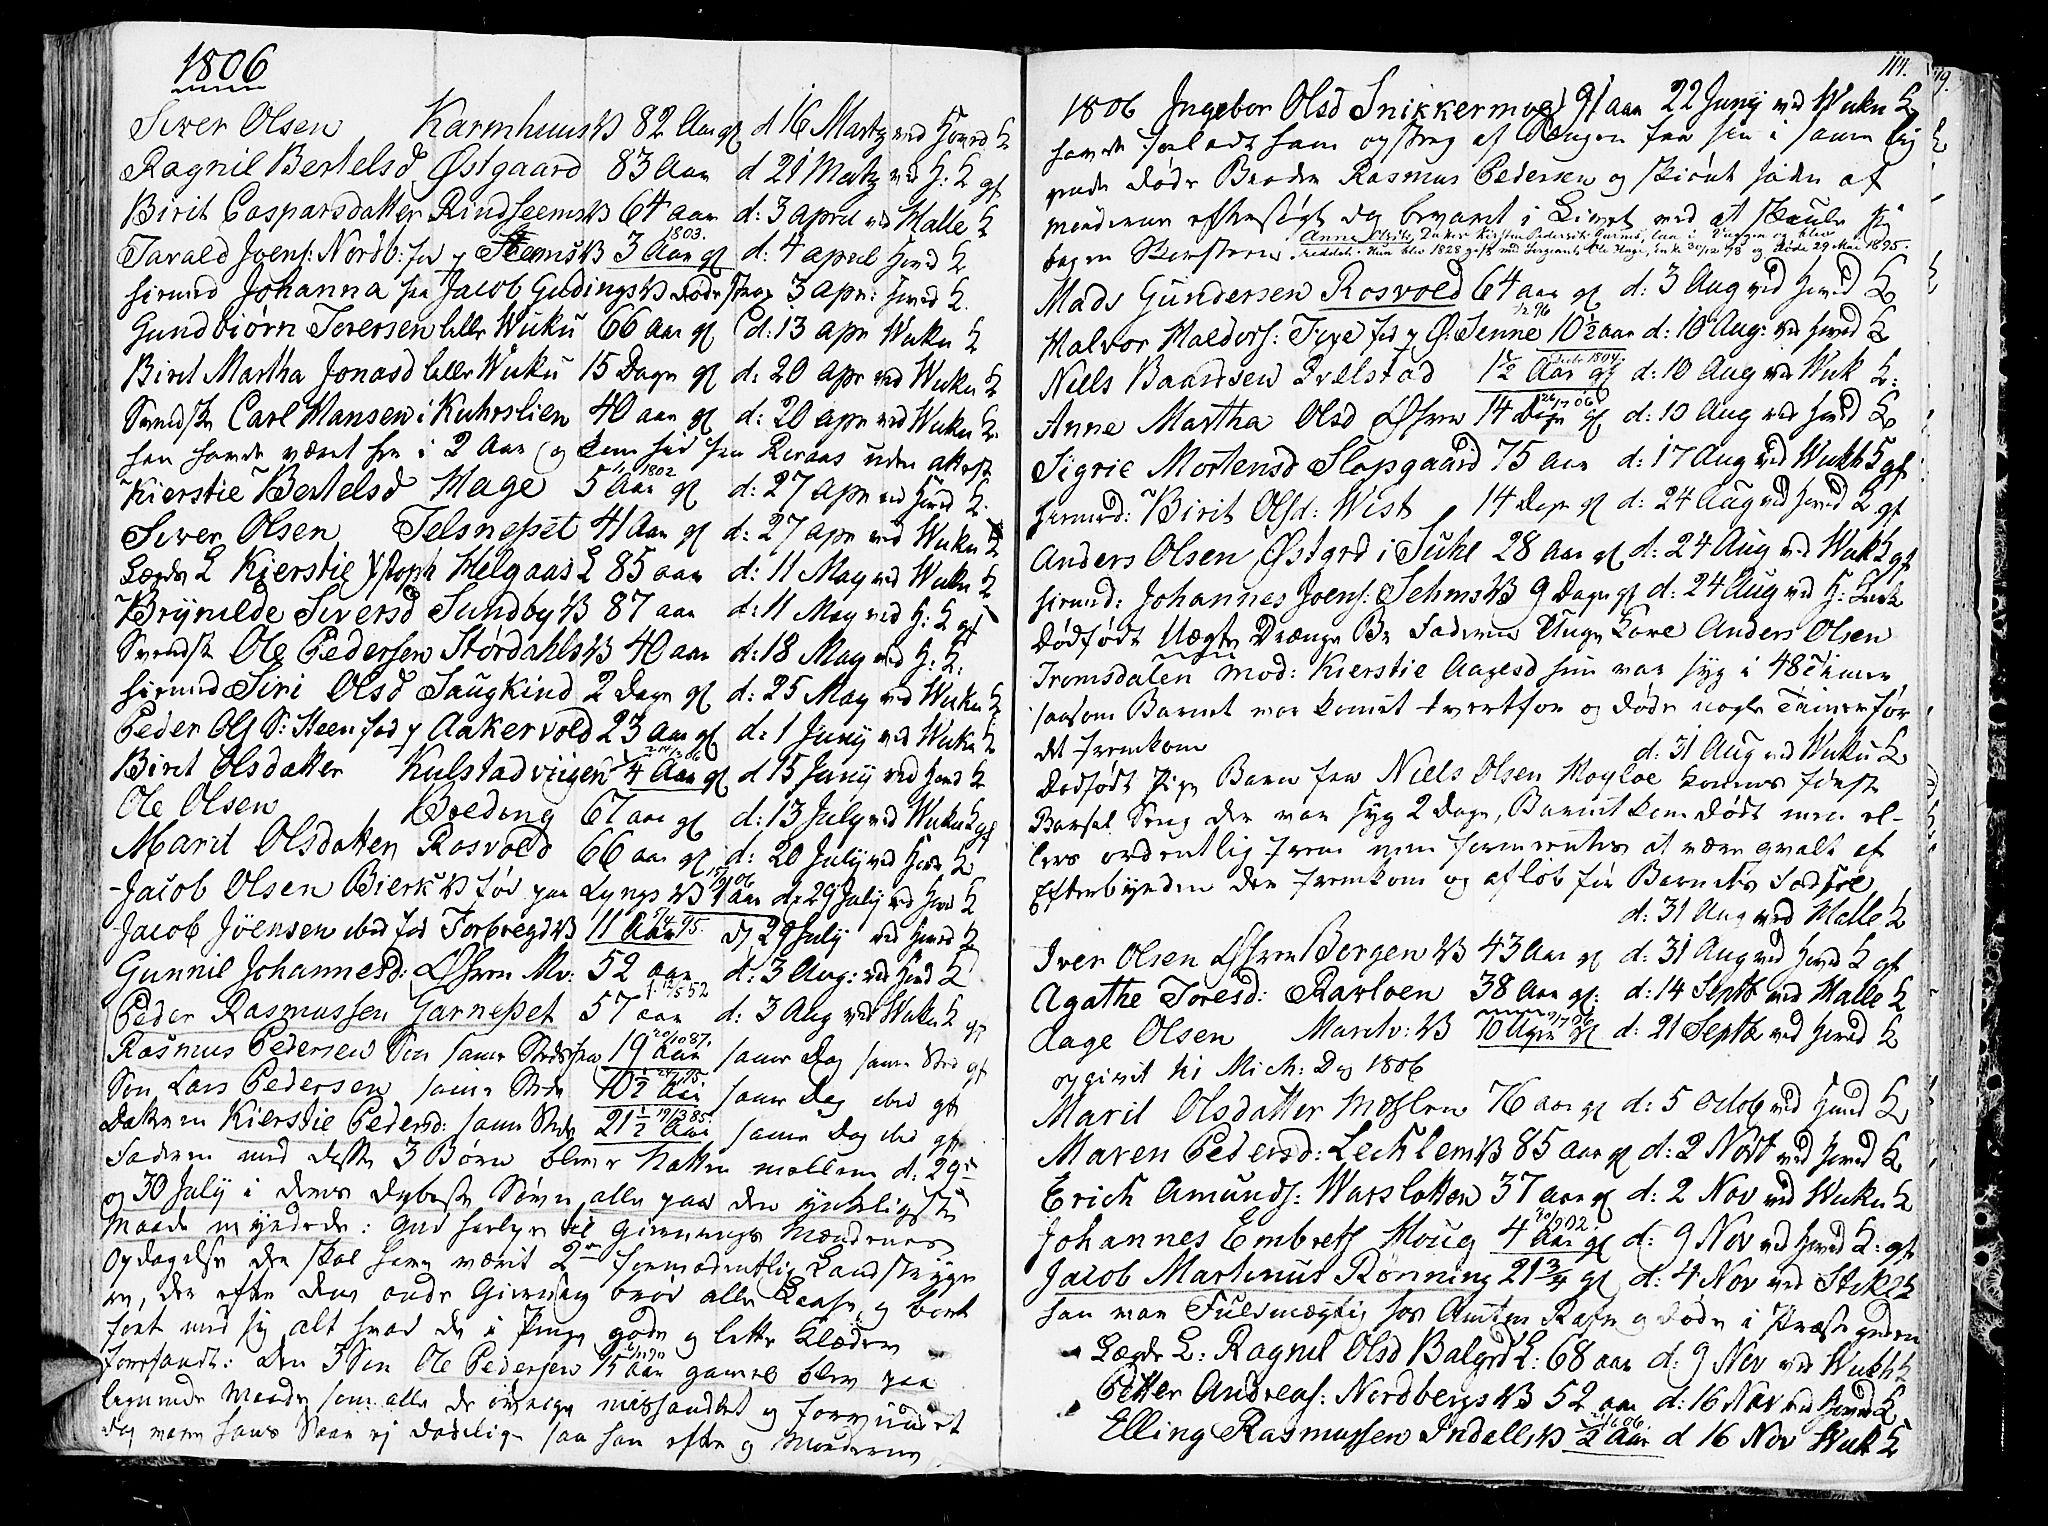 SAT, Ministerialprotokoller, klokkerbøker og fødselsregistre - Nord-Trøndelag, 723/L0233: Ministerialbok nr. 723A04, 1805-1816, s. 114